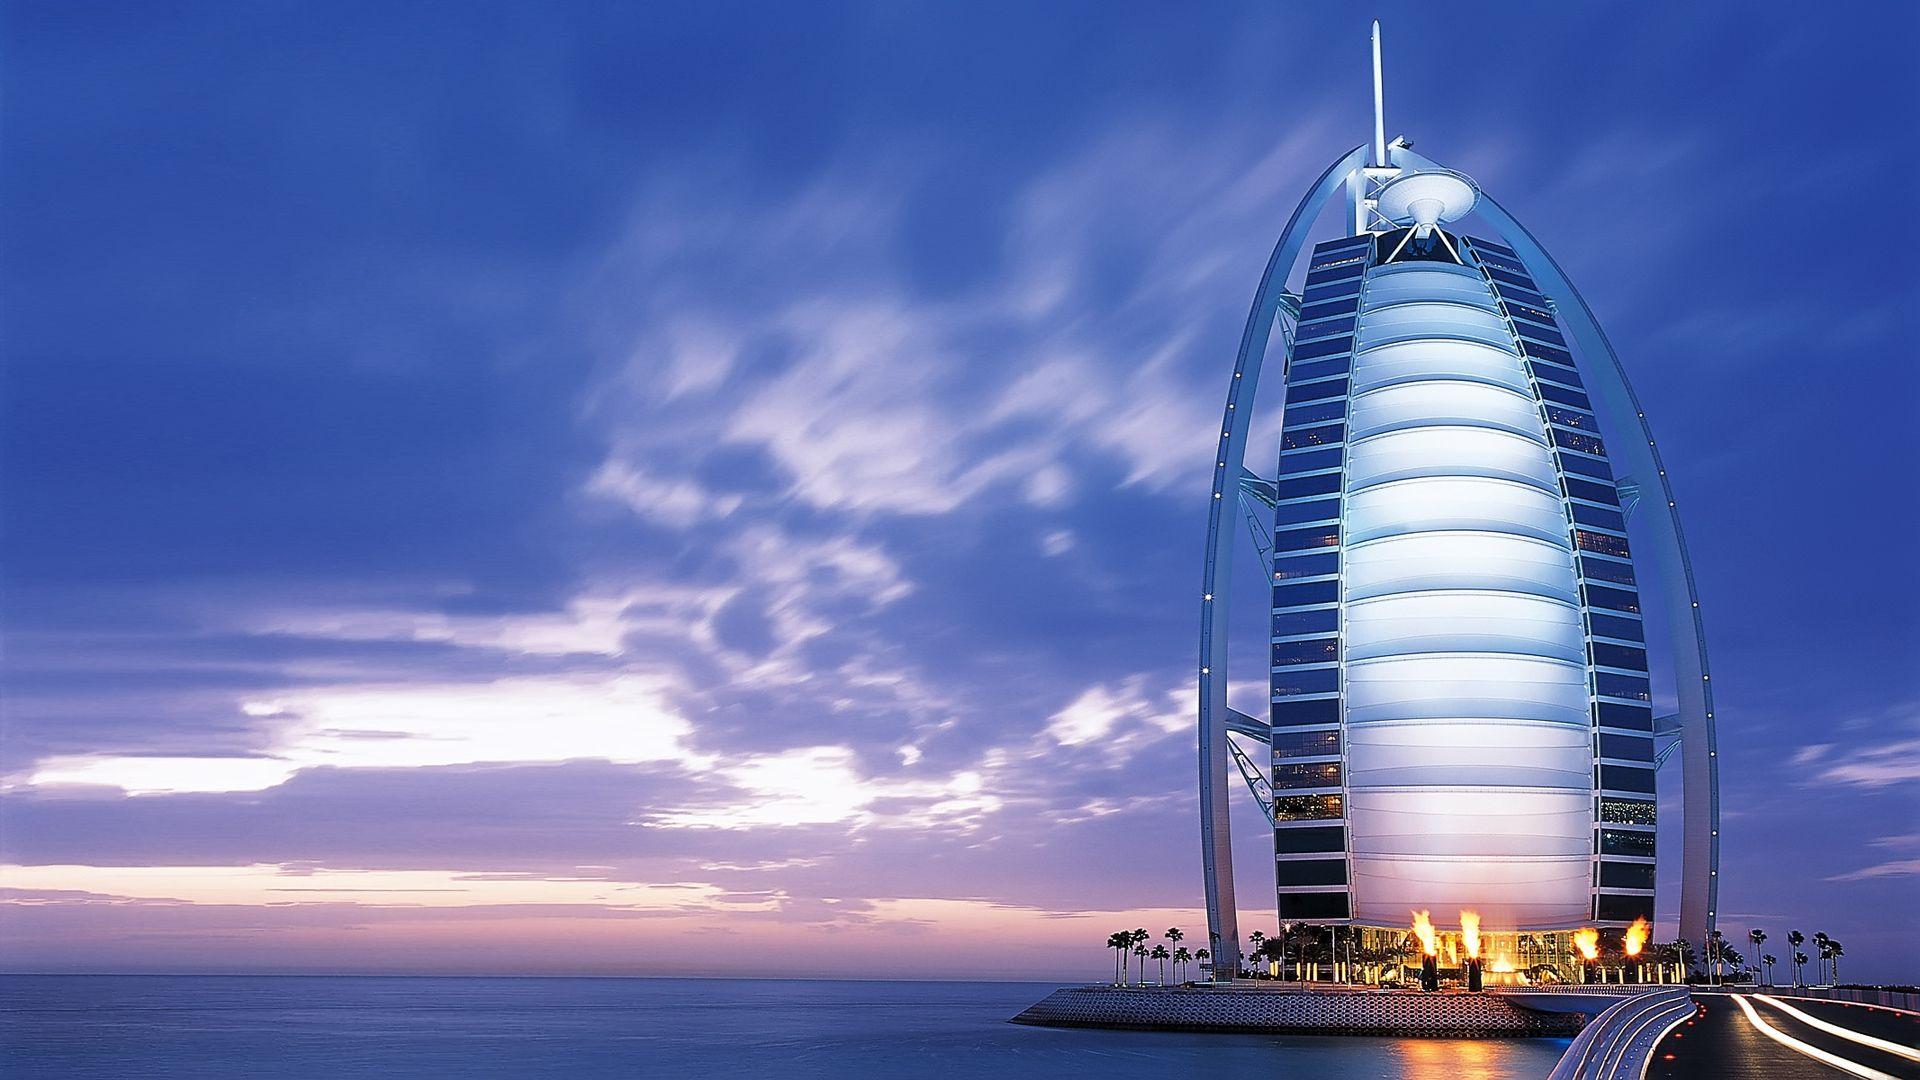 جوله مبهره حول الجمال الخلاب الذي يوجد علي  شاطئ ناسيمي الرائع في دبي